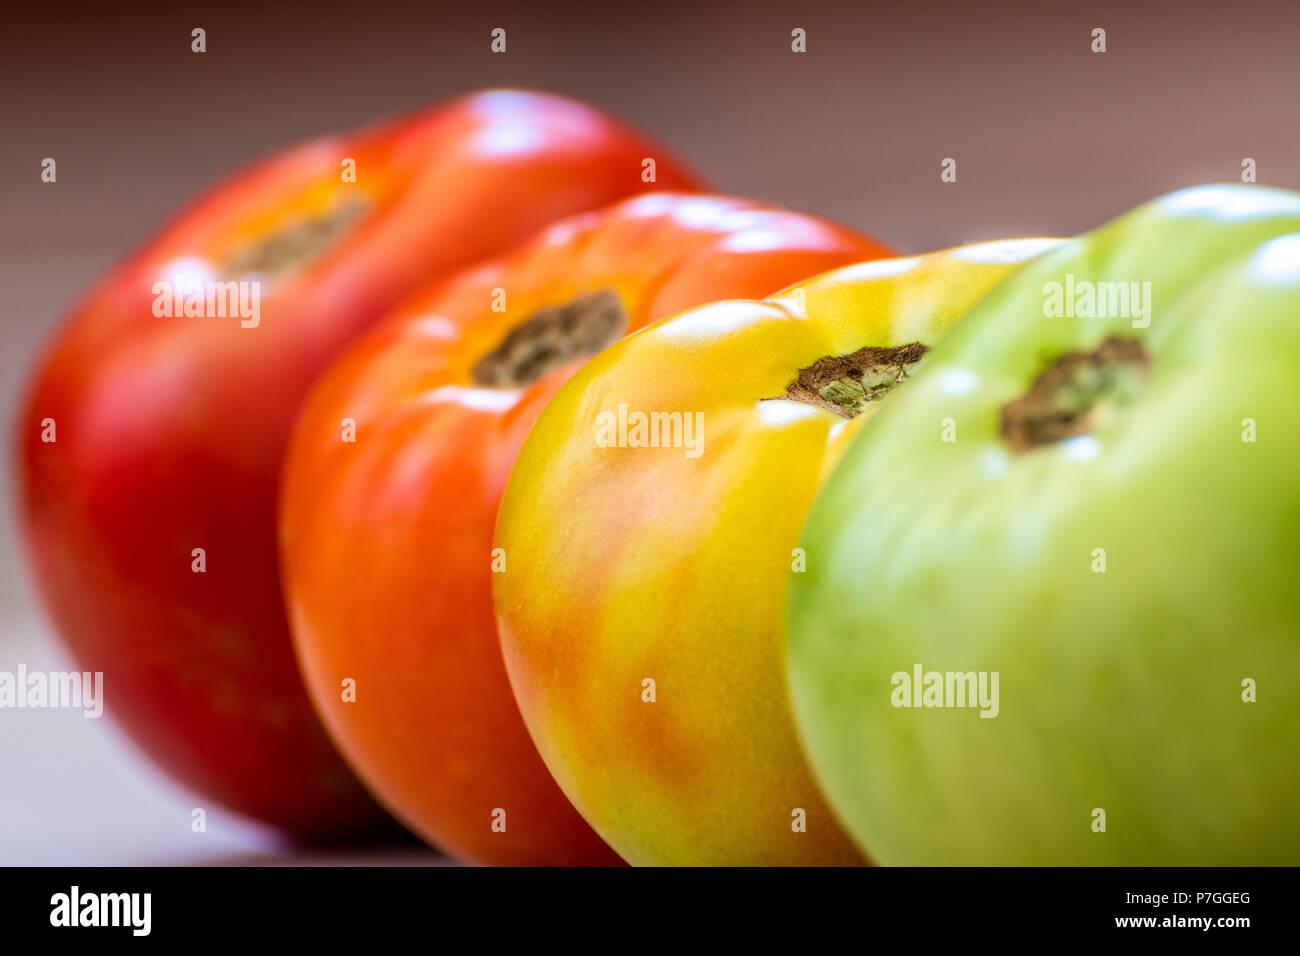 Pomodori a diversi stadi di maturazione. Concetto. La messa a fuoco è su girando il pomodoro. Gli stadi sono verde e poi girando quindi luce in rosso e poi in rosso. Immagini Stock